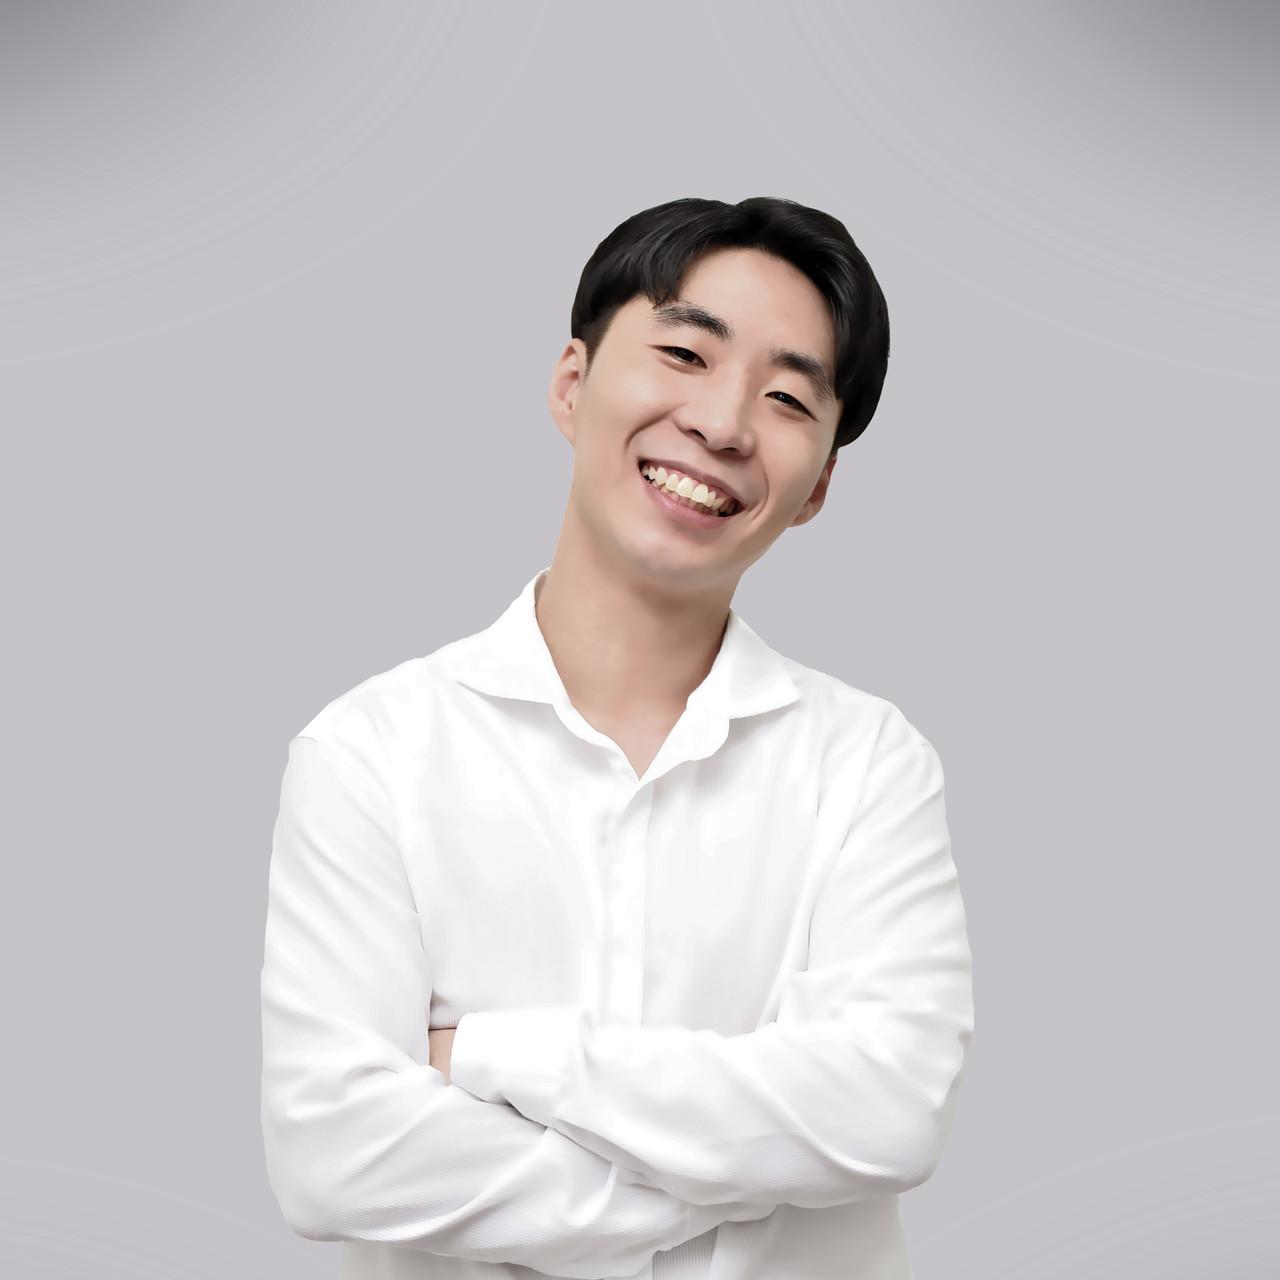 보컬 트레이너 김양호